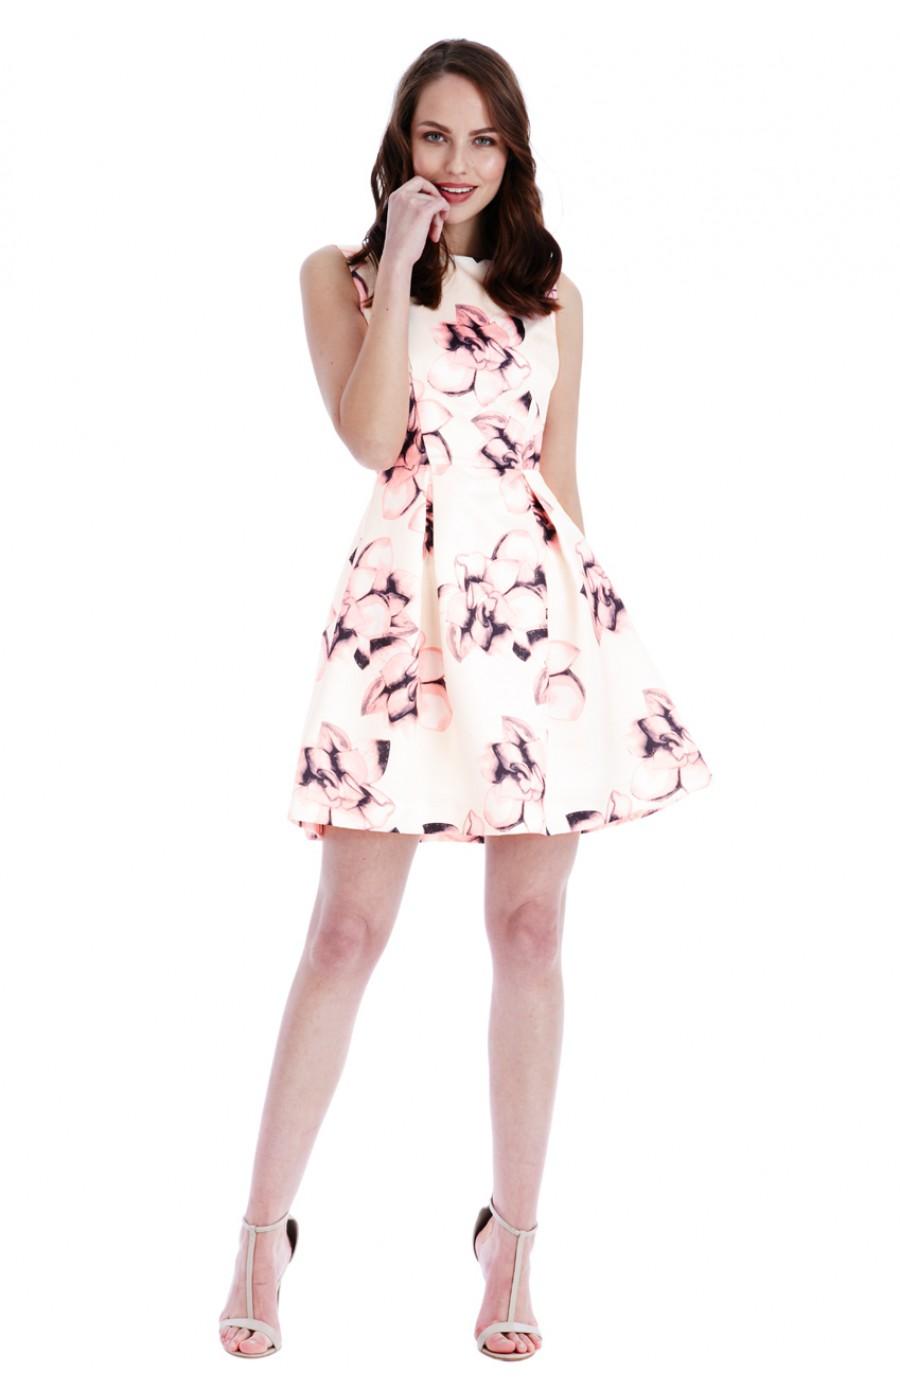 Κοντο μπεζ φόρεμα με ροζ λουλουδια